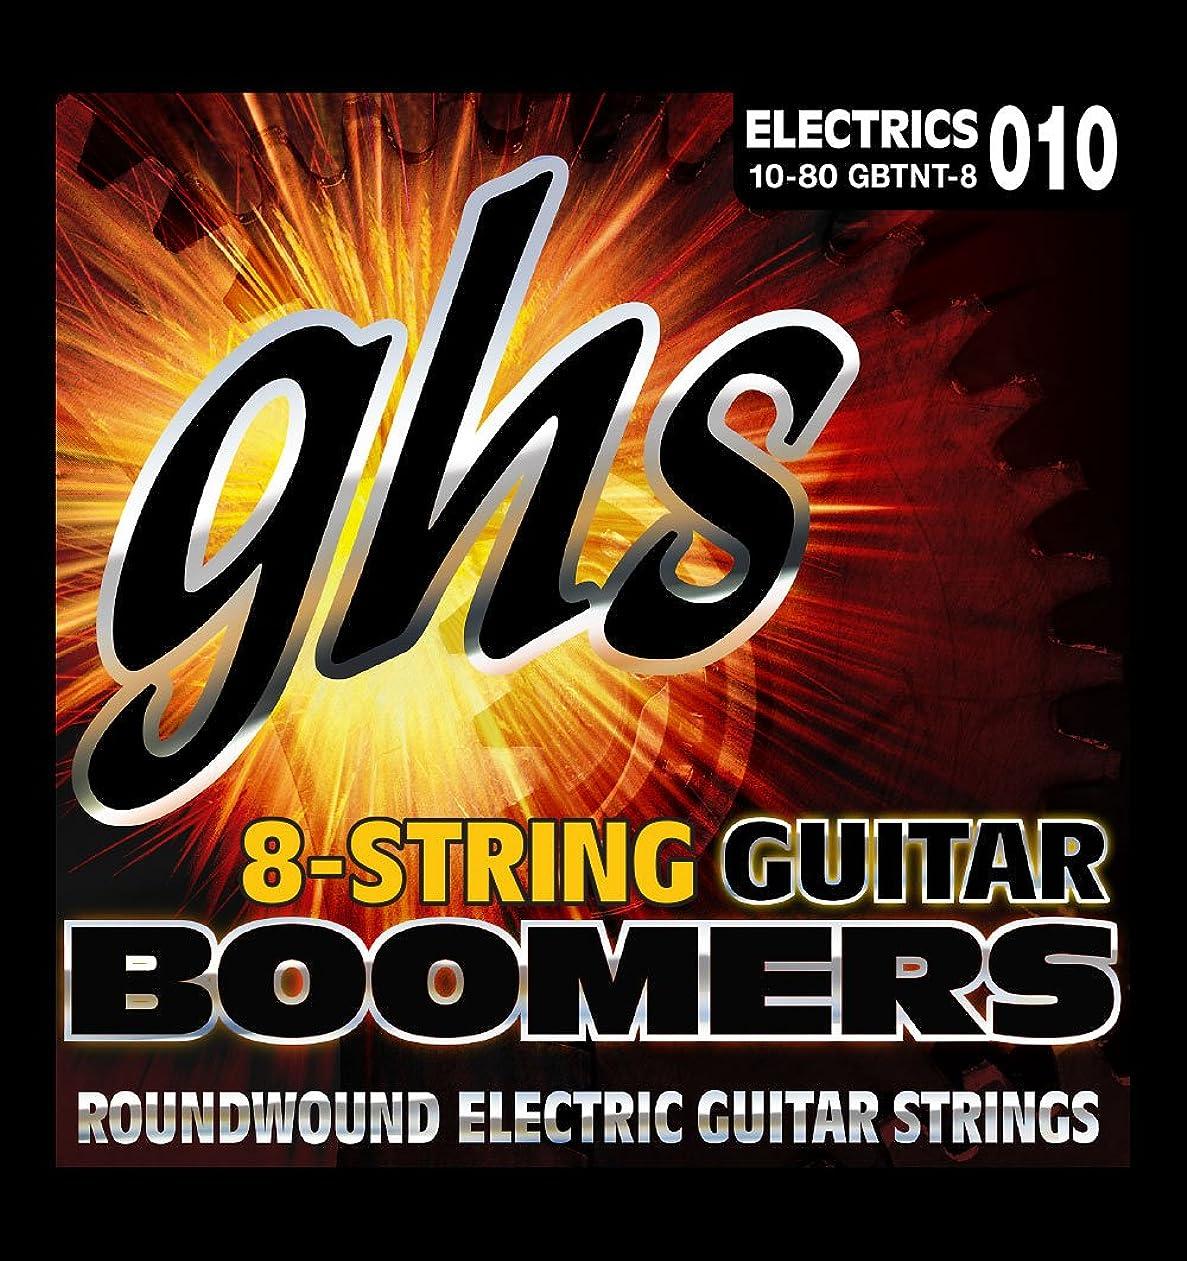 だます扱うモットーghs エレキギター弦 Guitar BOOMERS/ギター?ブーマーズ 8弦ギター用 10-80 GBTNT-8